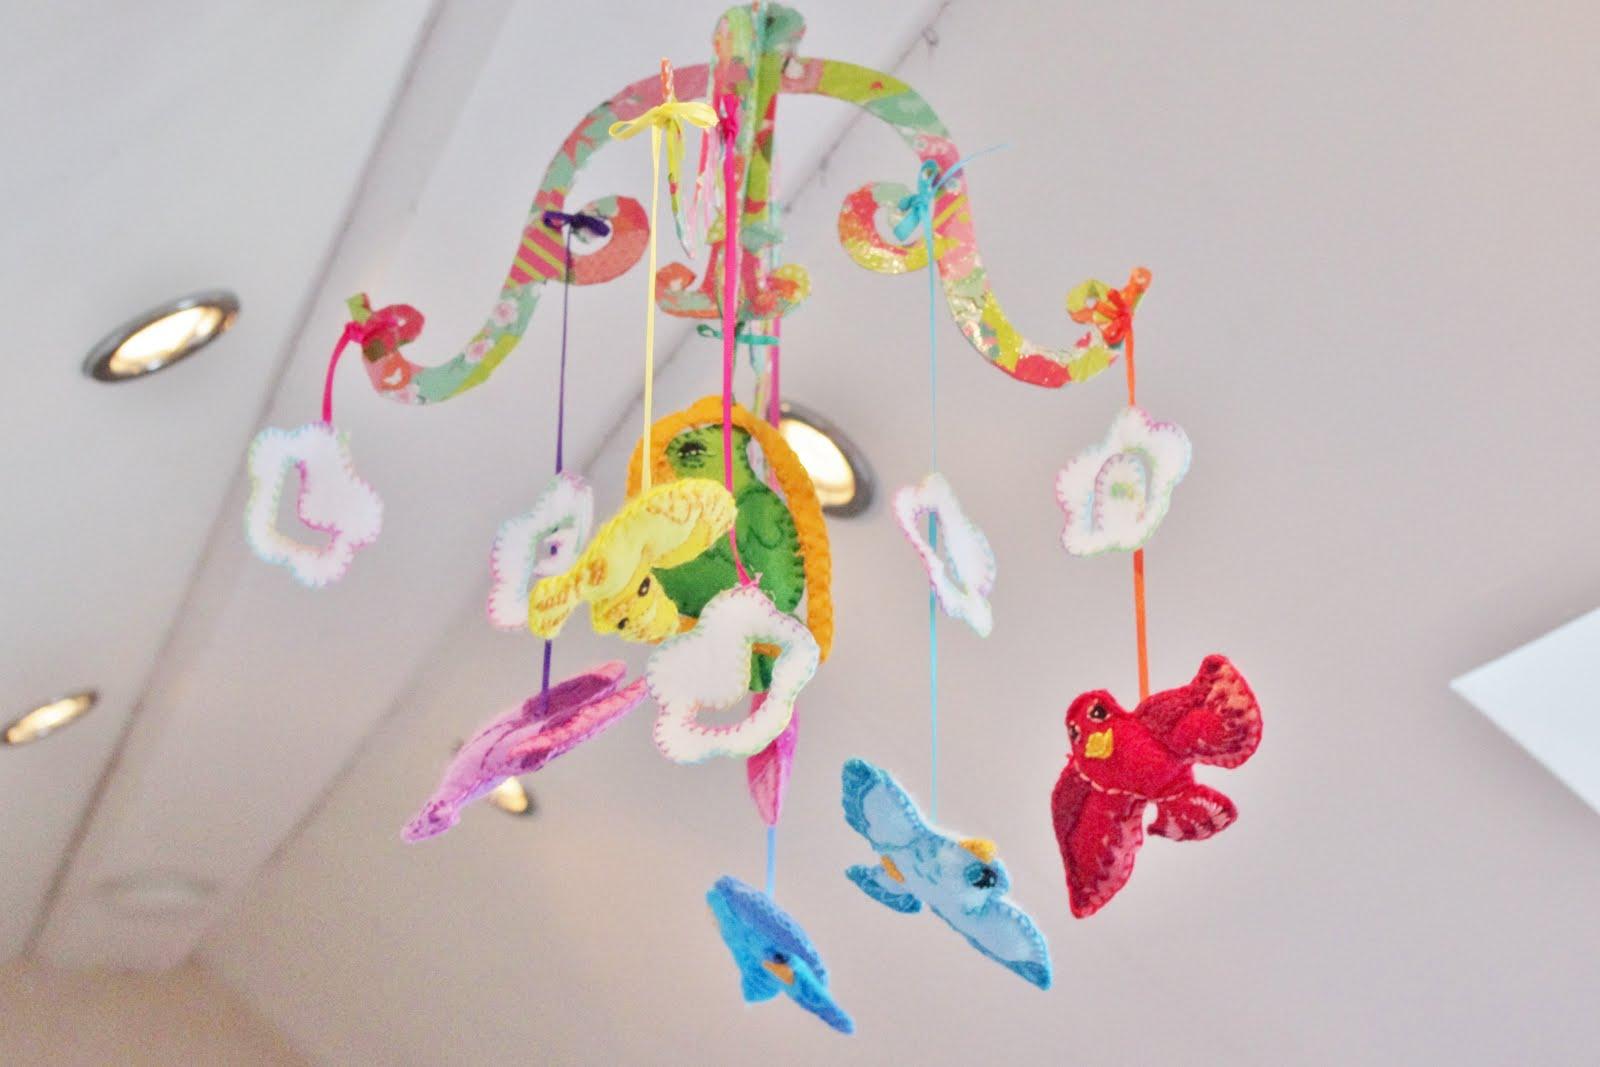 Mkt design handmade in england baby cot mobile spring - Design babymobel ...